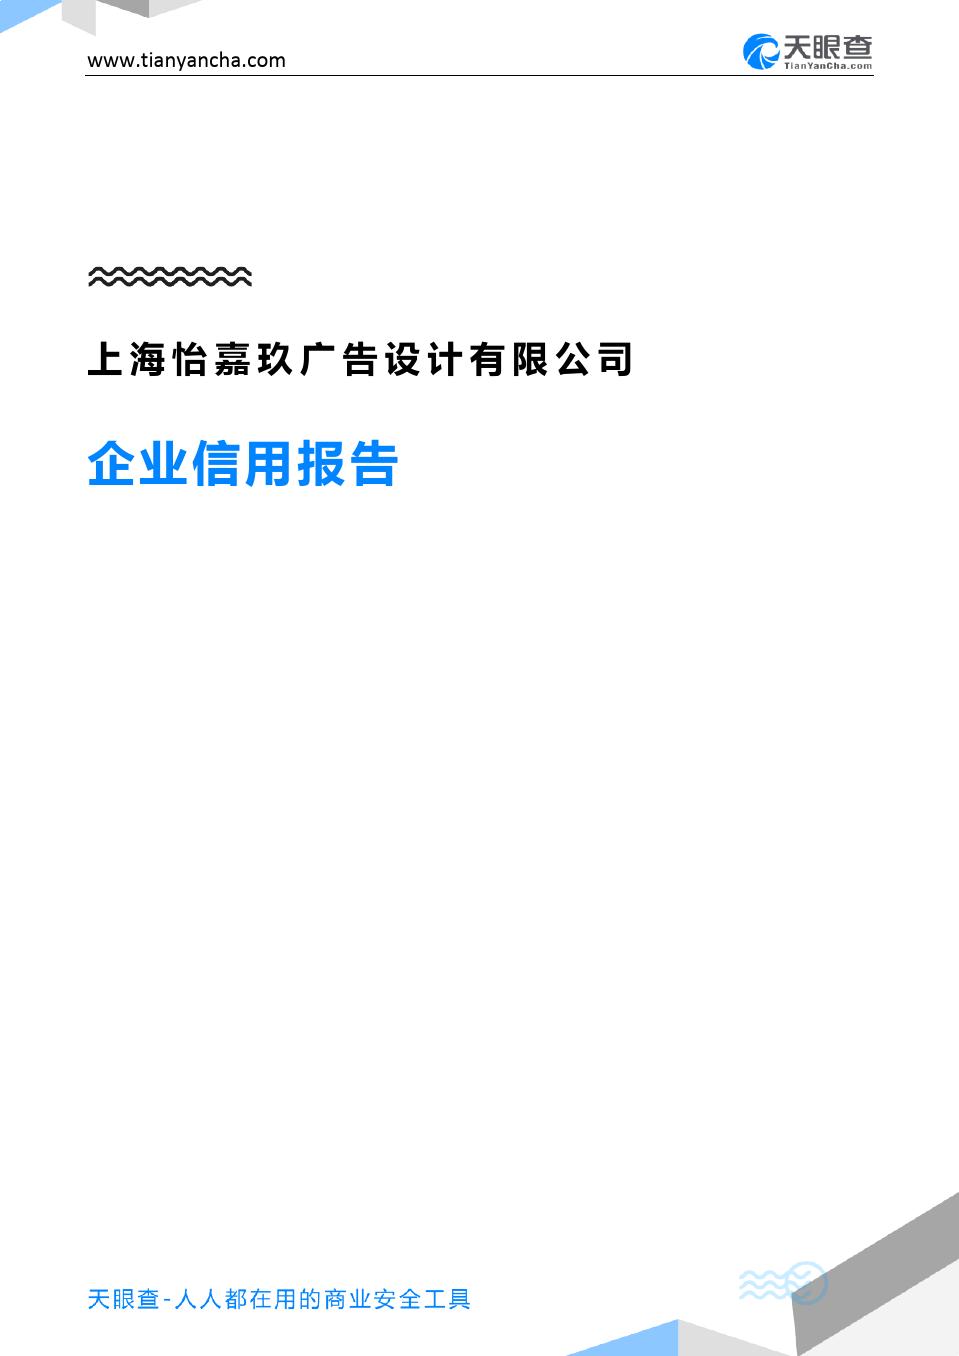 上海怡嘉玖广告设计(企业服装信用)-报告陈列v企业3d效果图图片